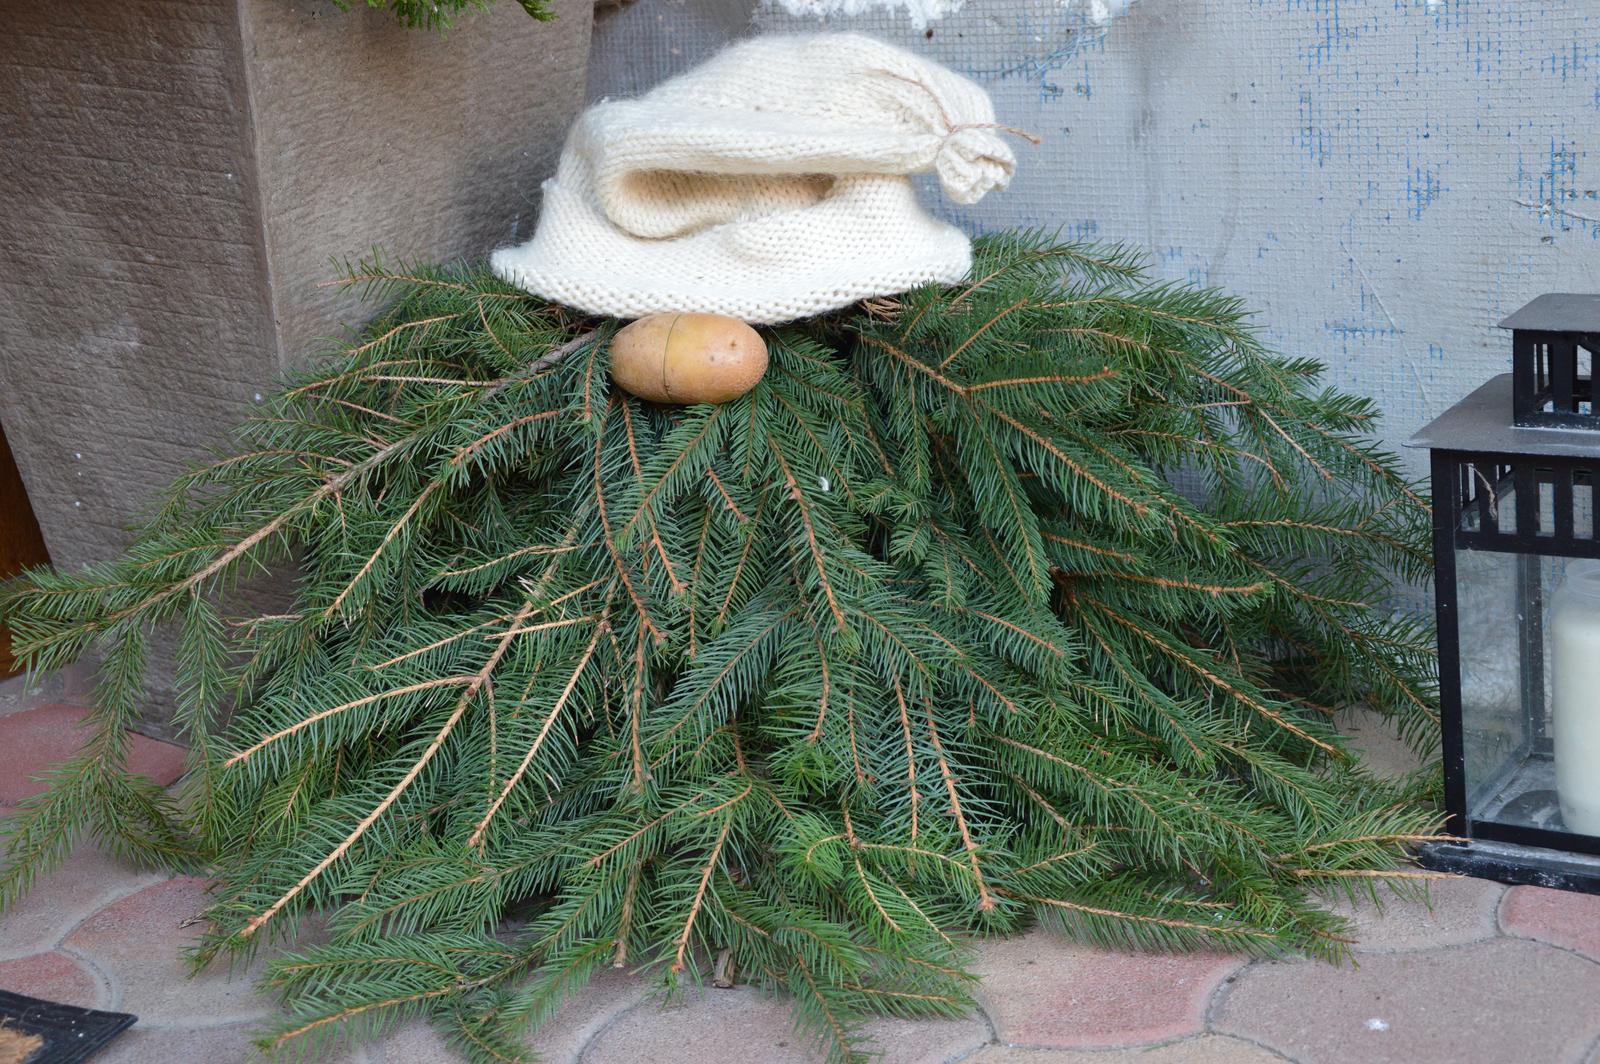 ★☆★Adventný a vianočný čas u nás ... ★☆★ 2015, 2016 - rukav zo stareho svetra ako čiapka, jeden zemiak, par vetvičiek - a mame škriatka :-)